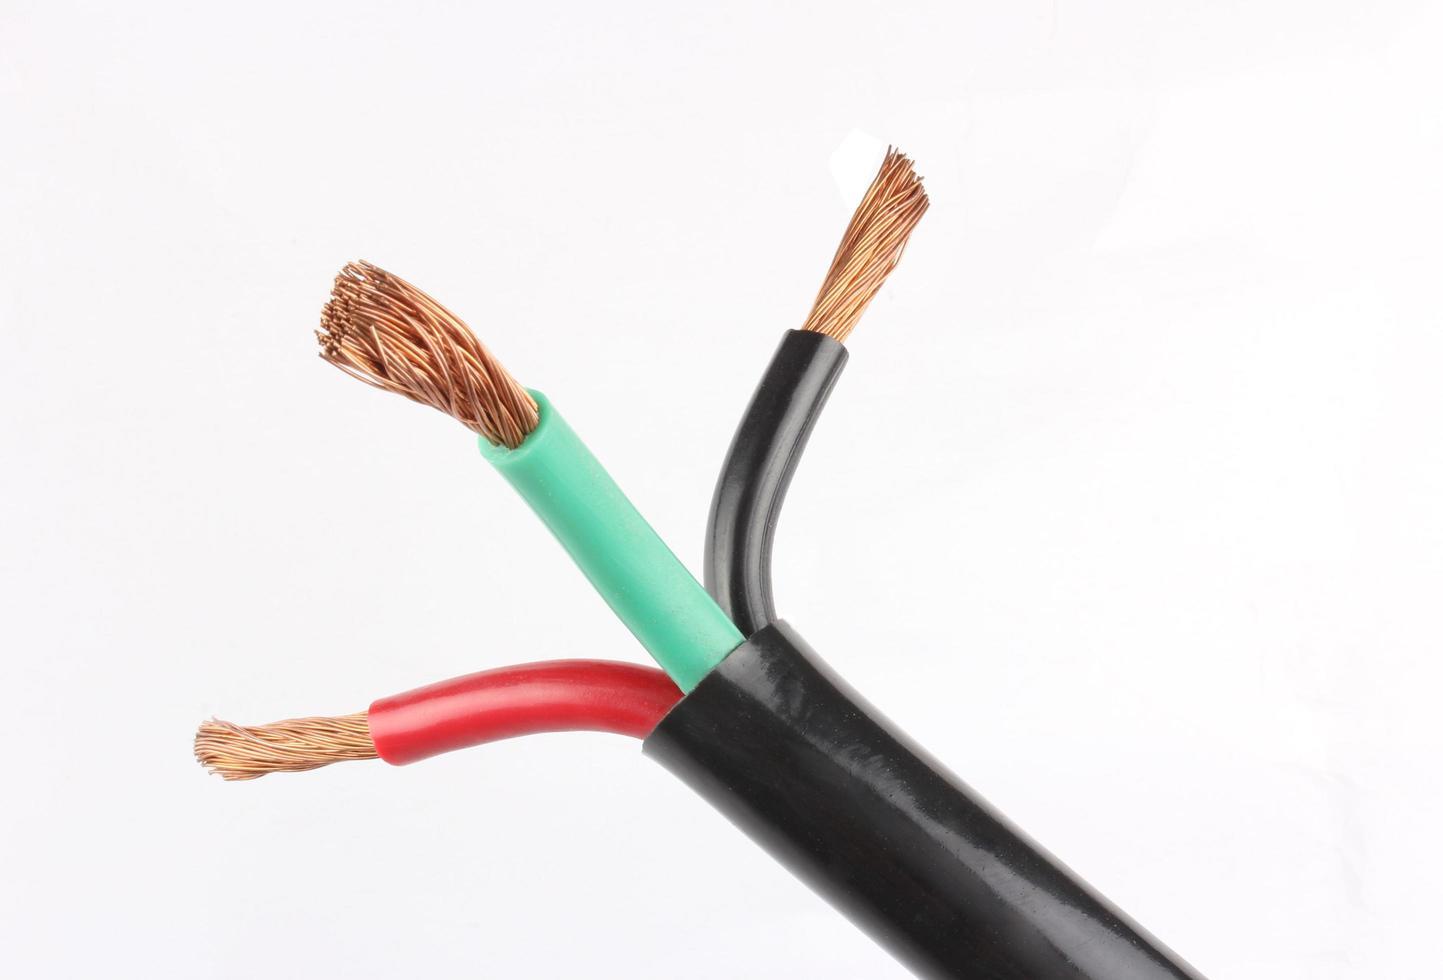 elektrische kabel op witte achtergrond foto